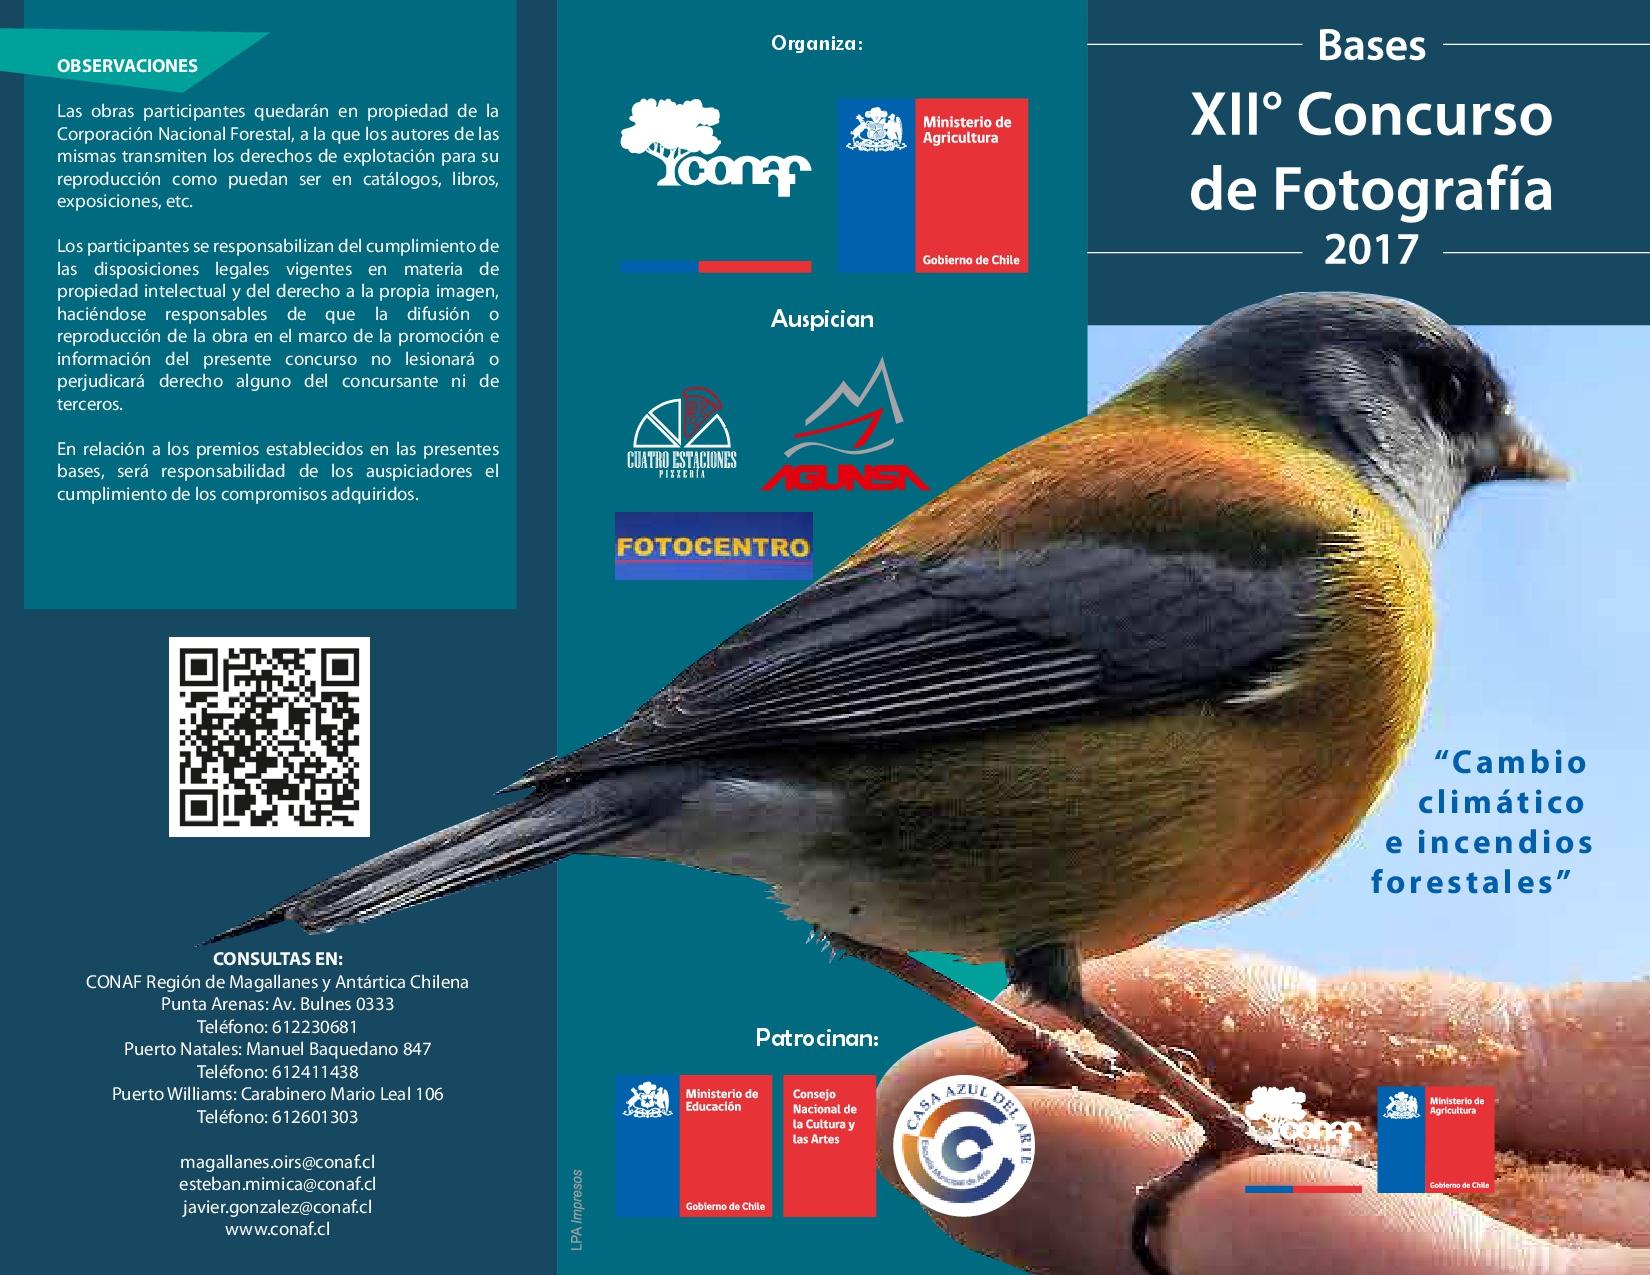 XII Concurso de Fotografía 2017 CONAF Región de Magallanes